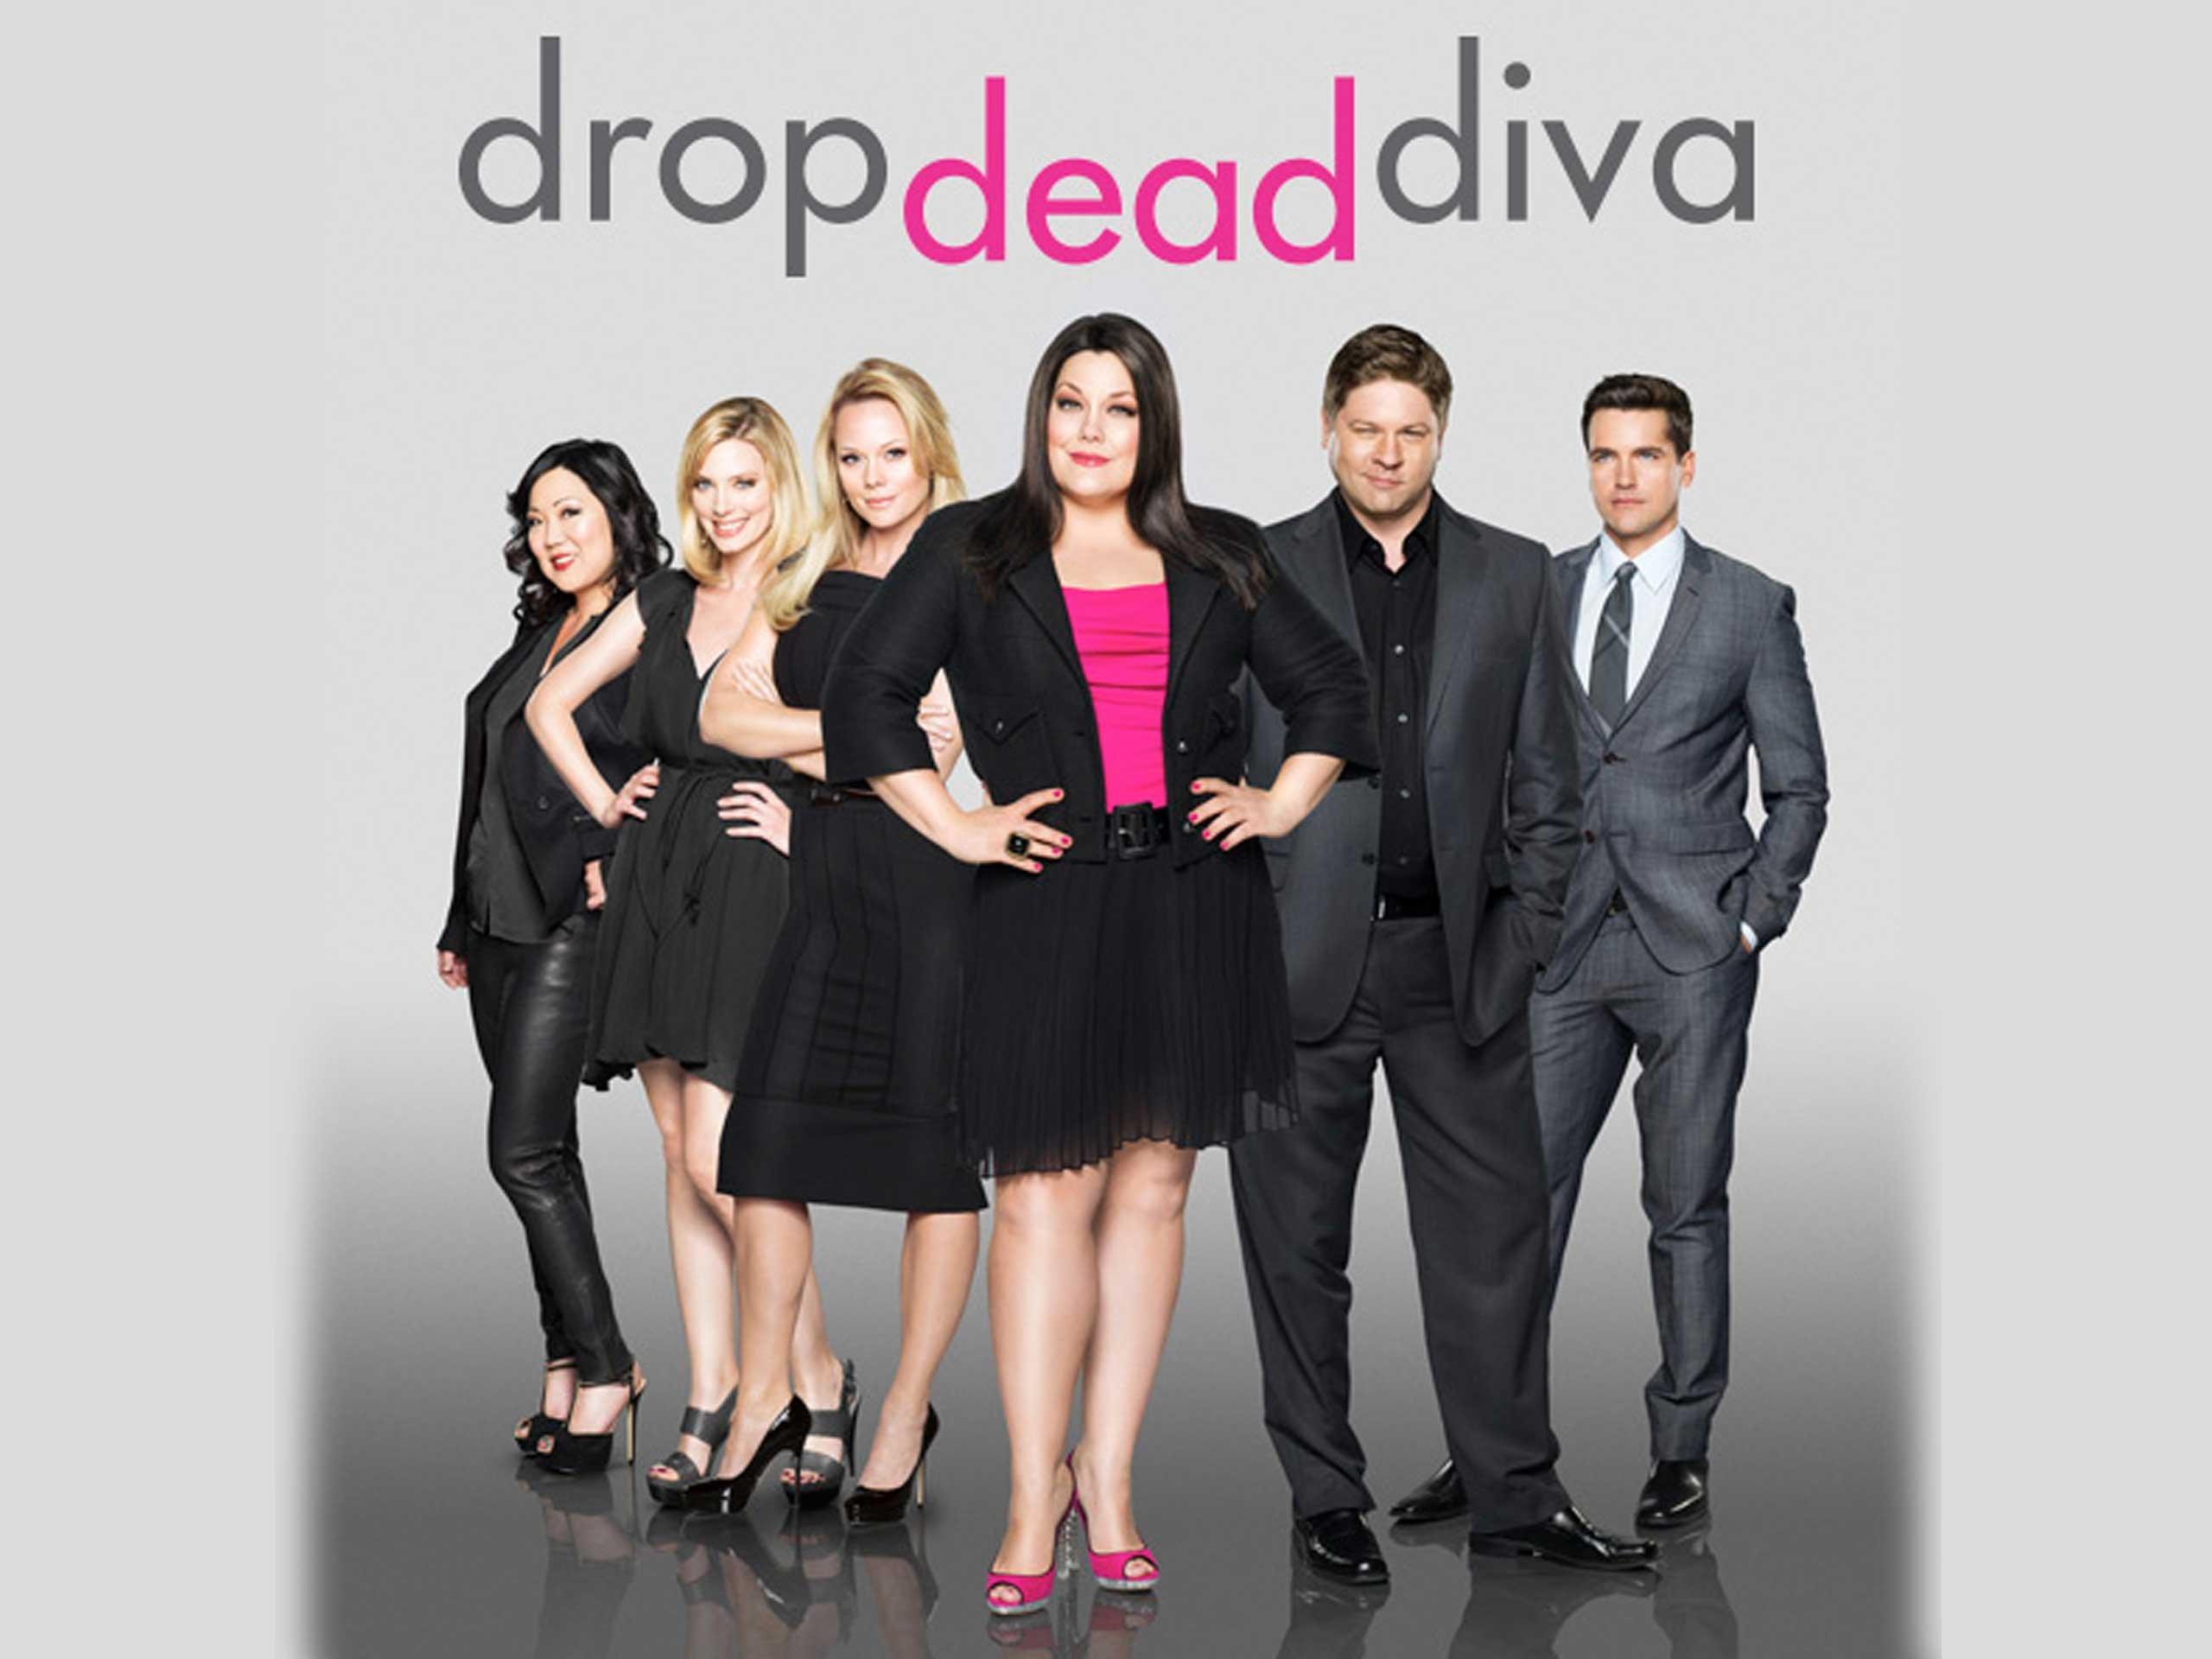 Drop dead diva guardian angel paul - Drop dead diva guardian angel ...